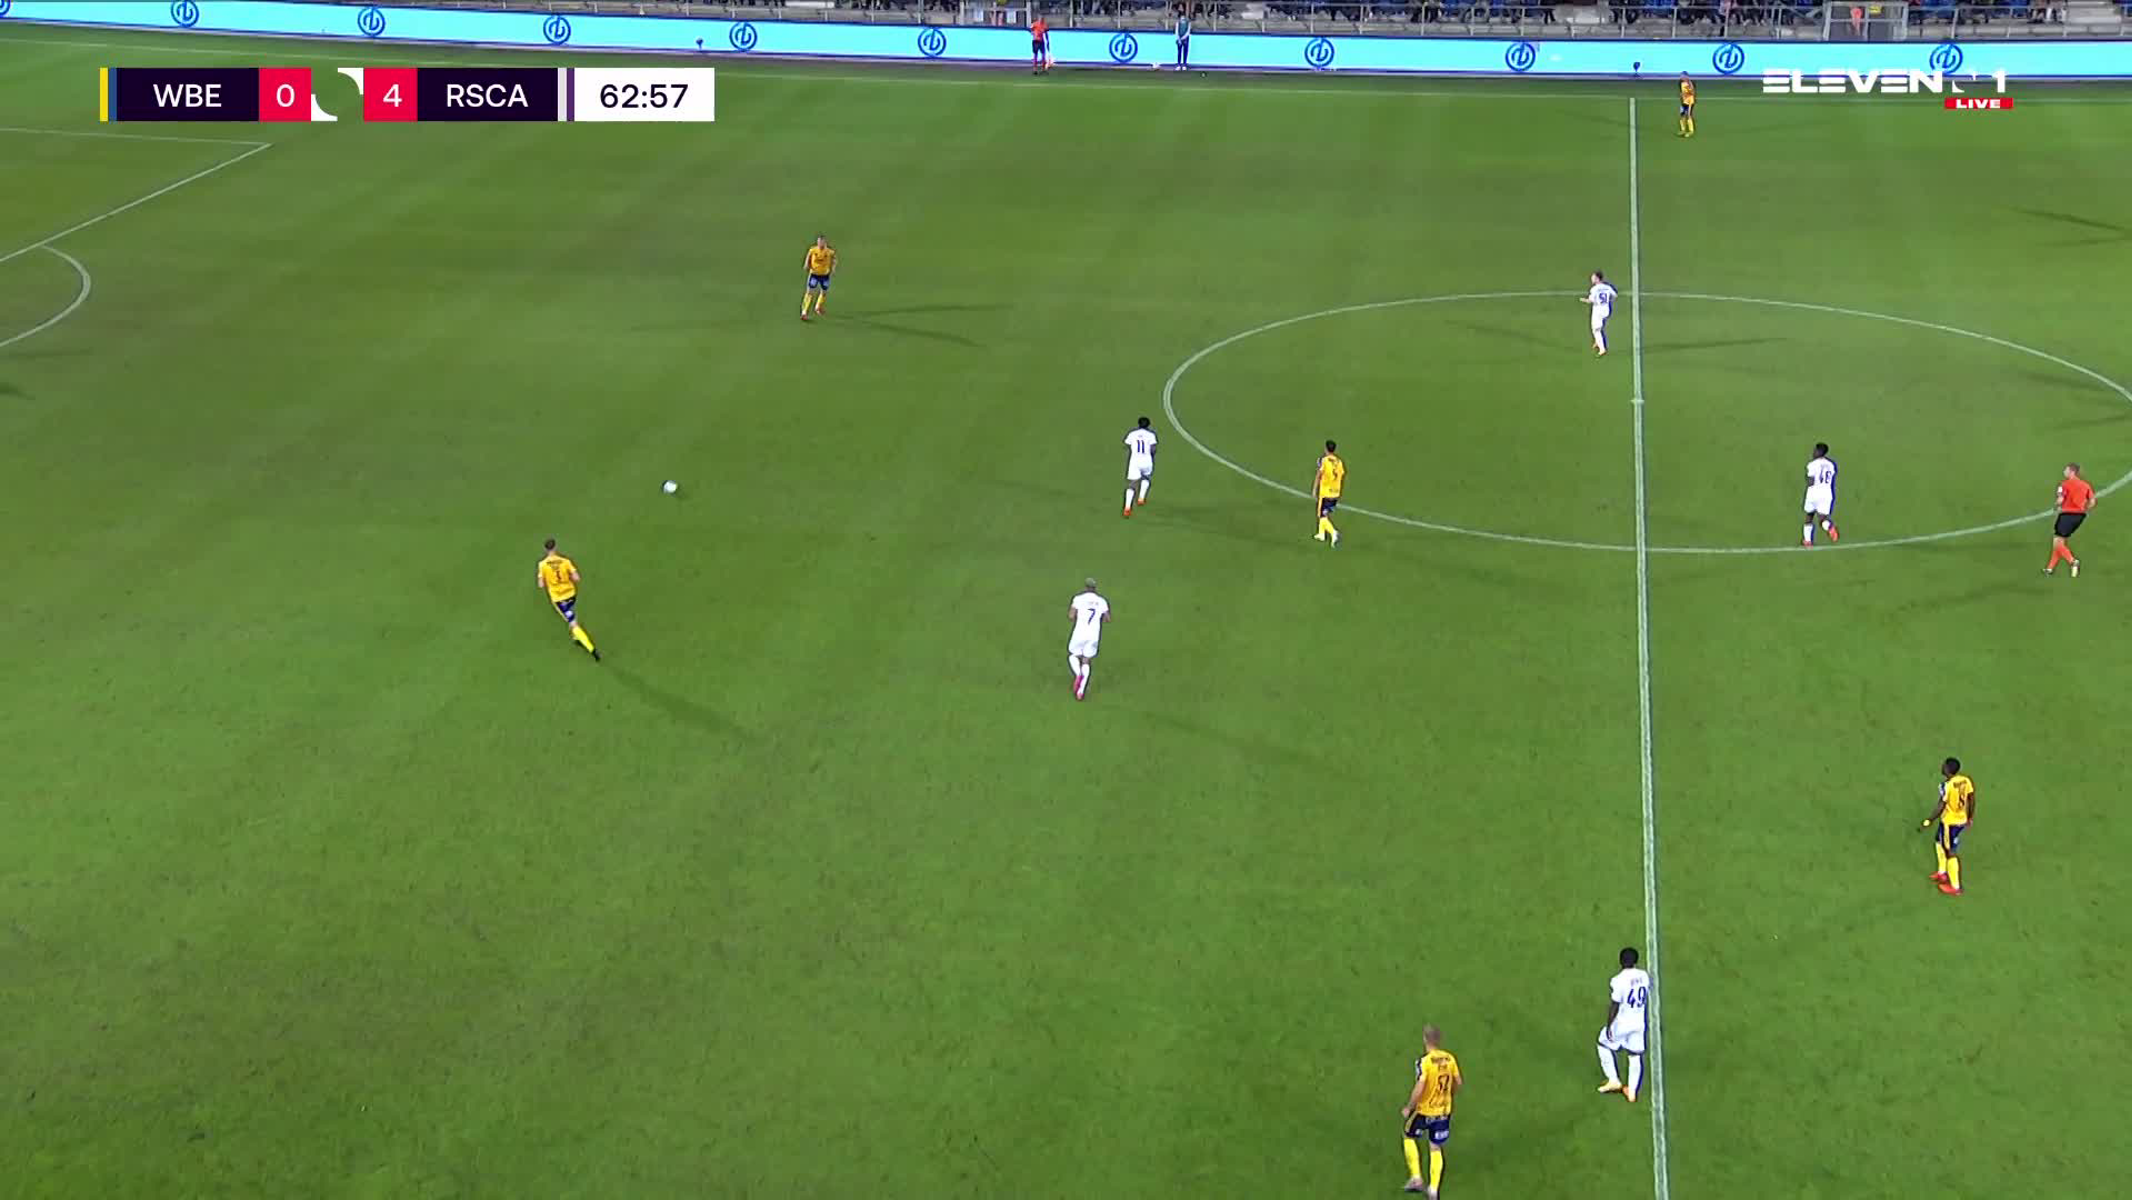 Doelpunt Din Sula (Waasland-Beveren vs. RSC Anderlecht)